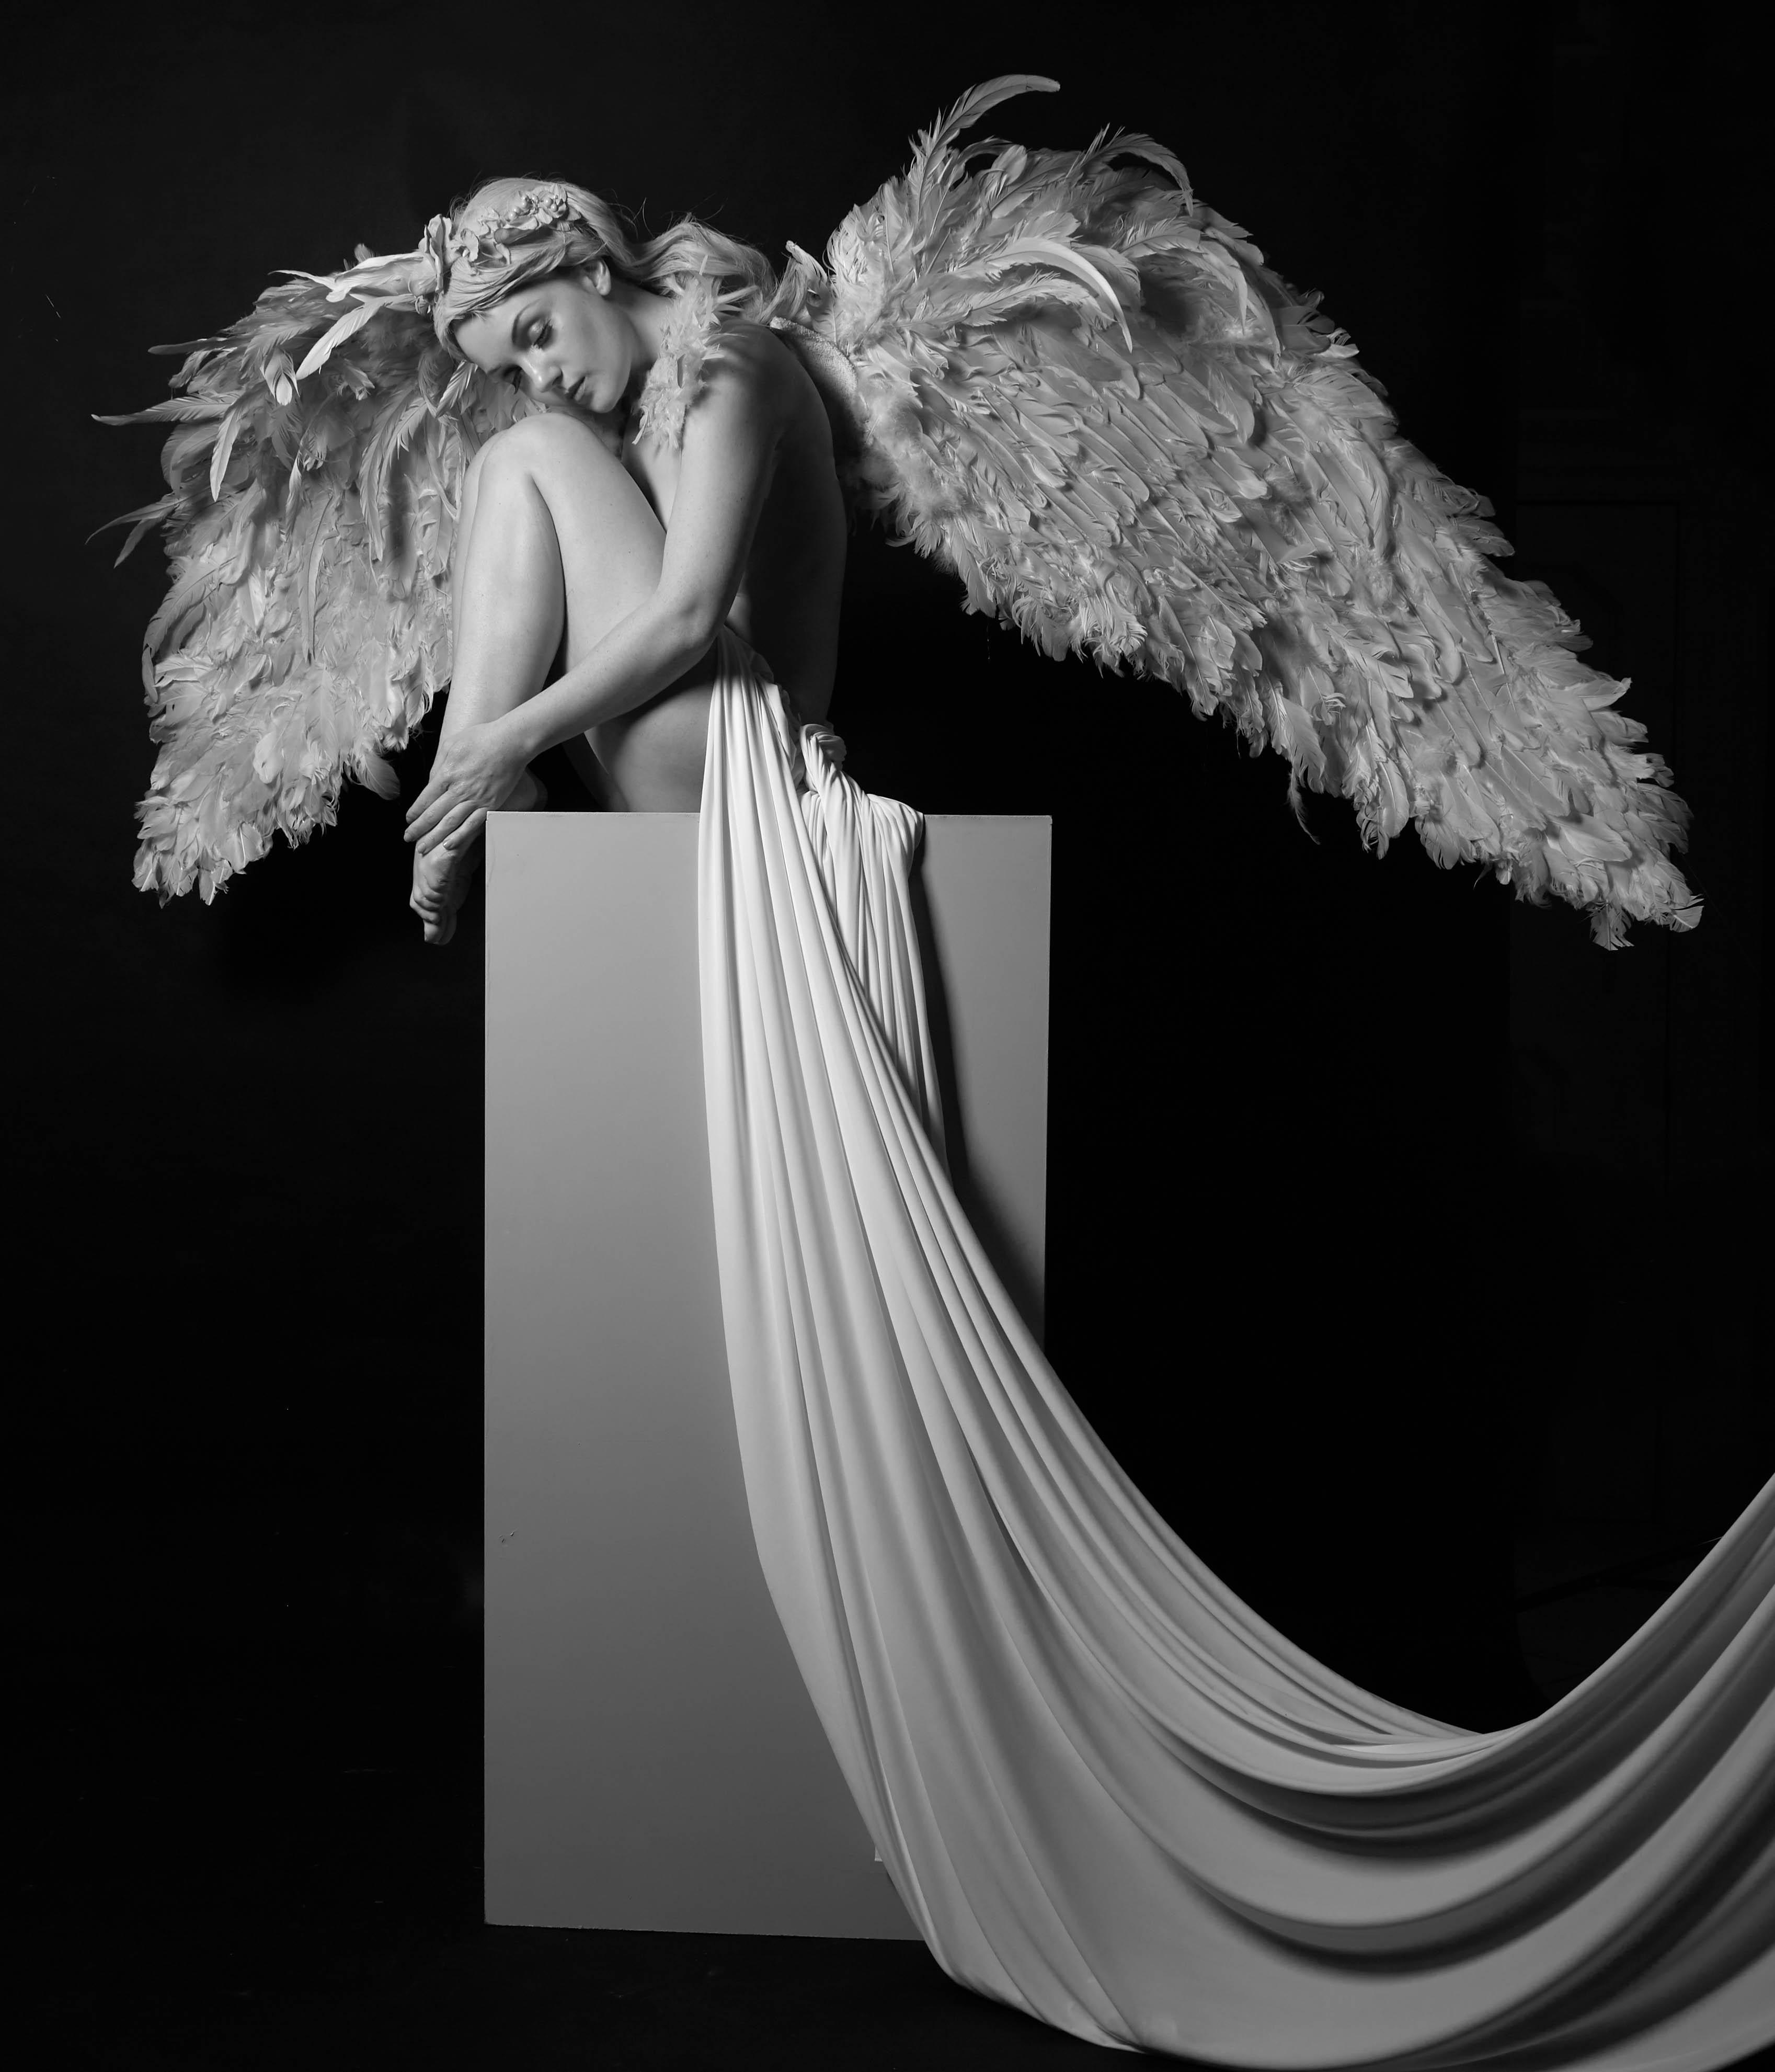 20180313-Angels - 0173